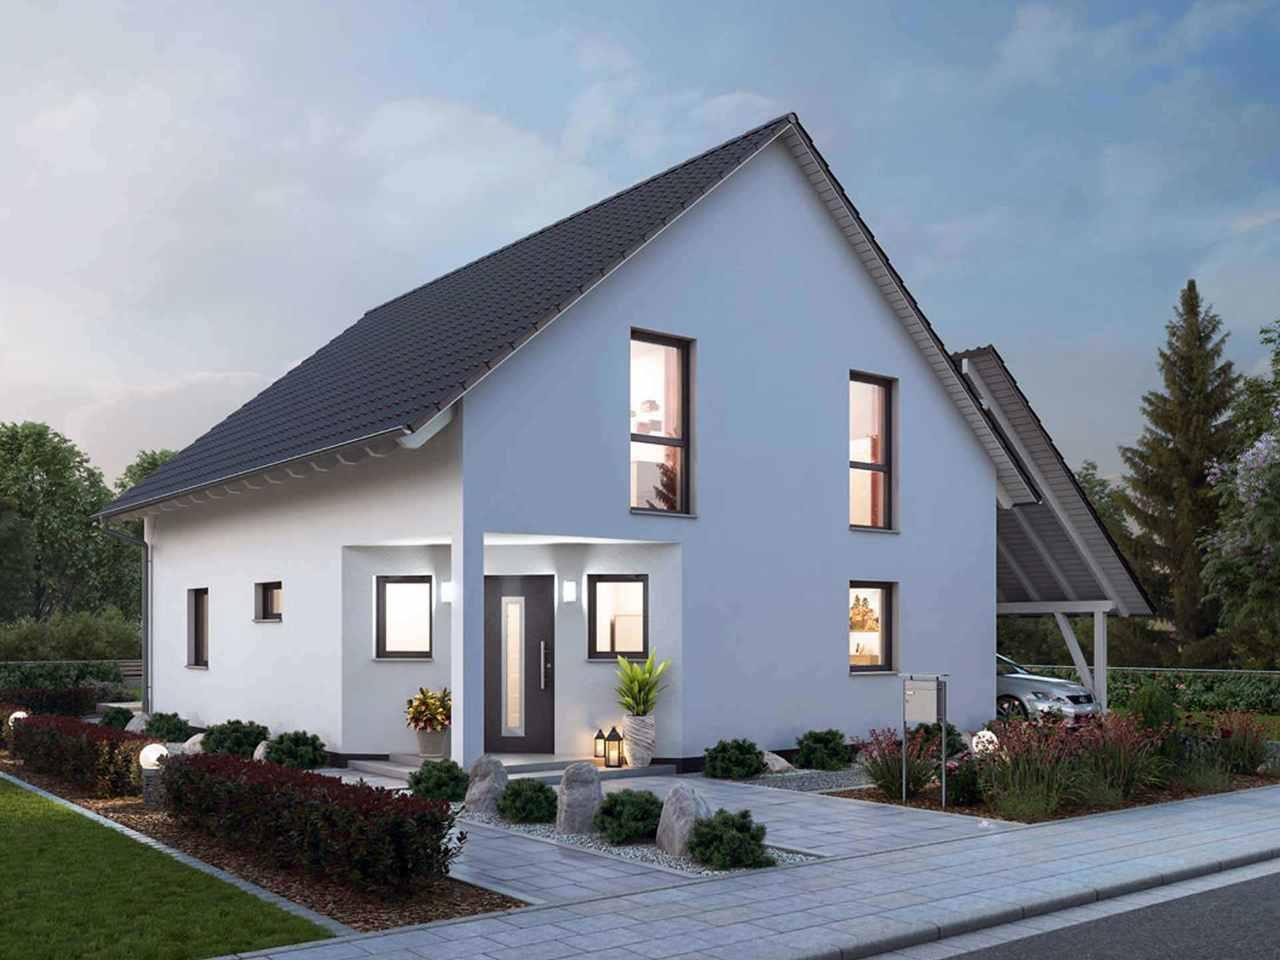 Einfamilienhaus 143 - Ytong Bausatzhaus